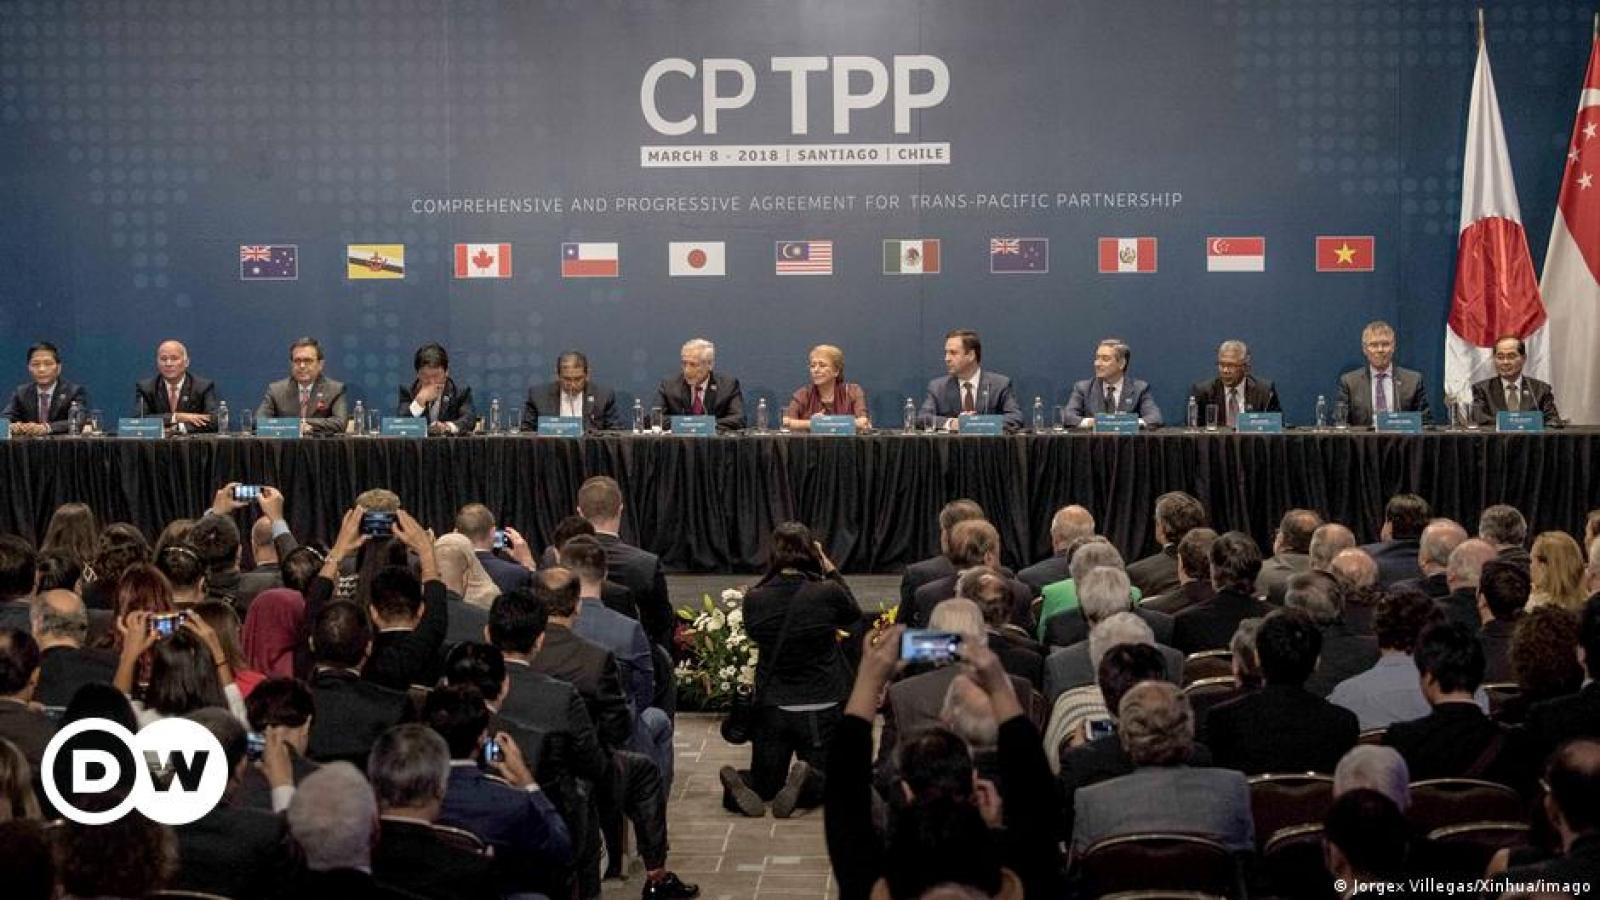 Trung Quốc xin gia nhập CPTPP: Đường vào không dễ dàng